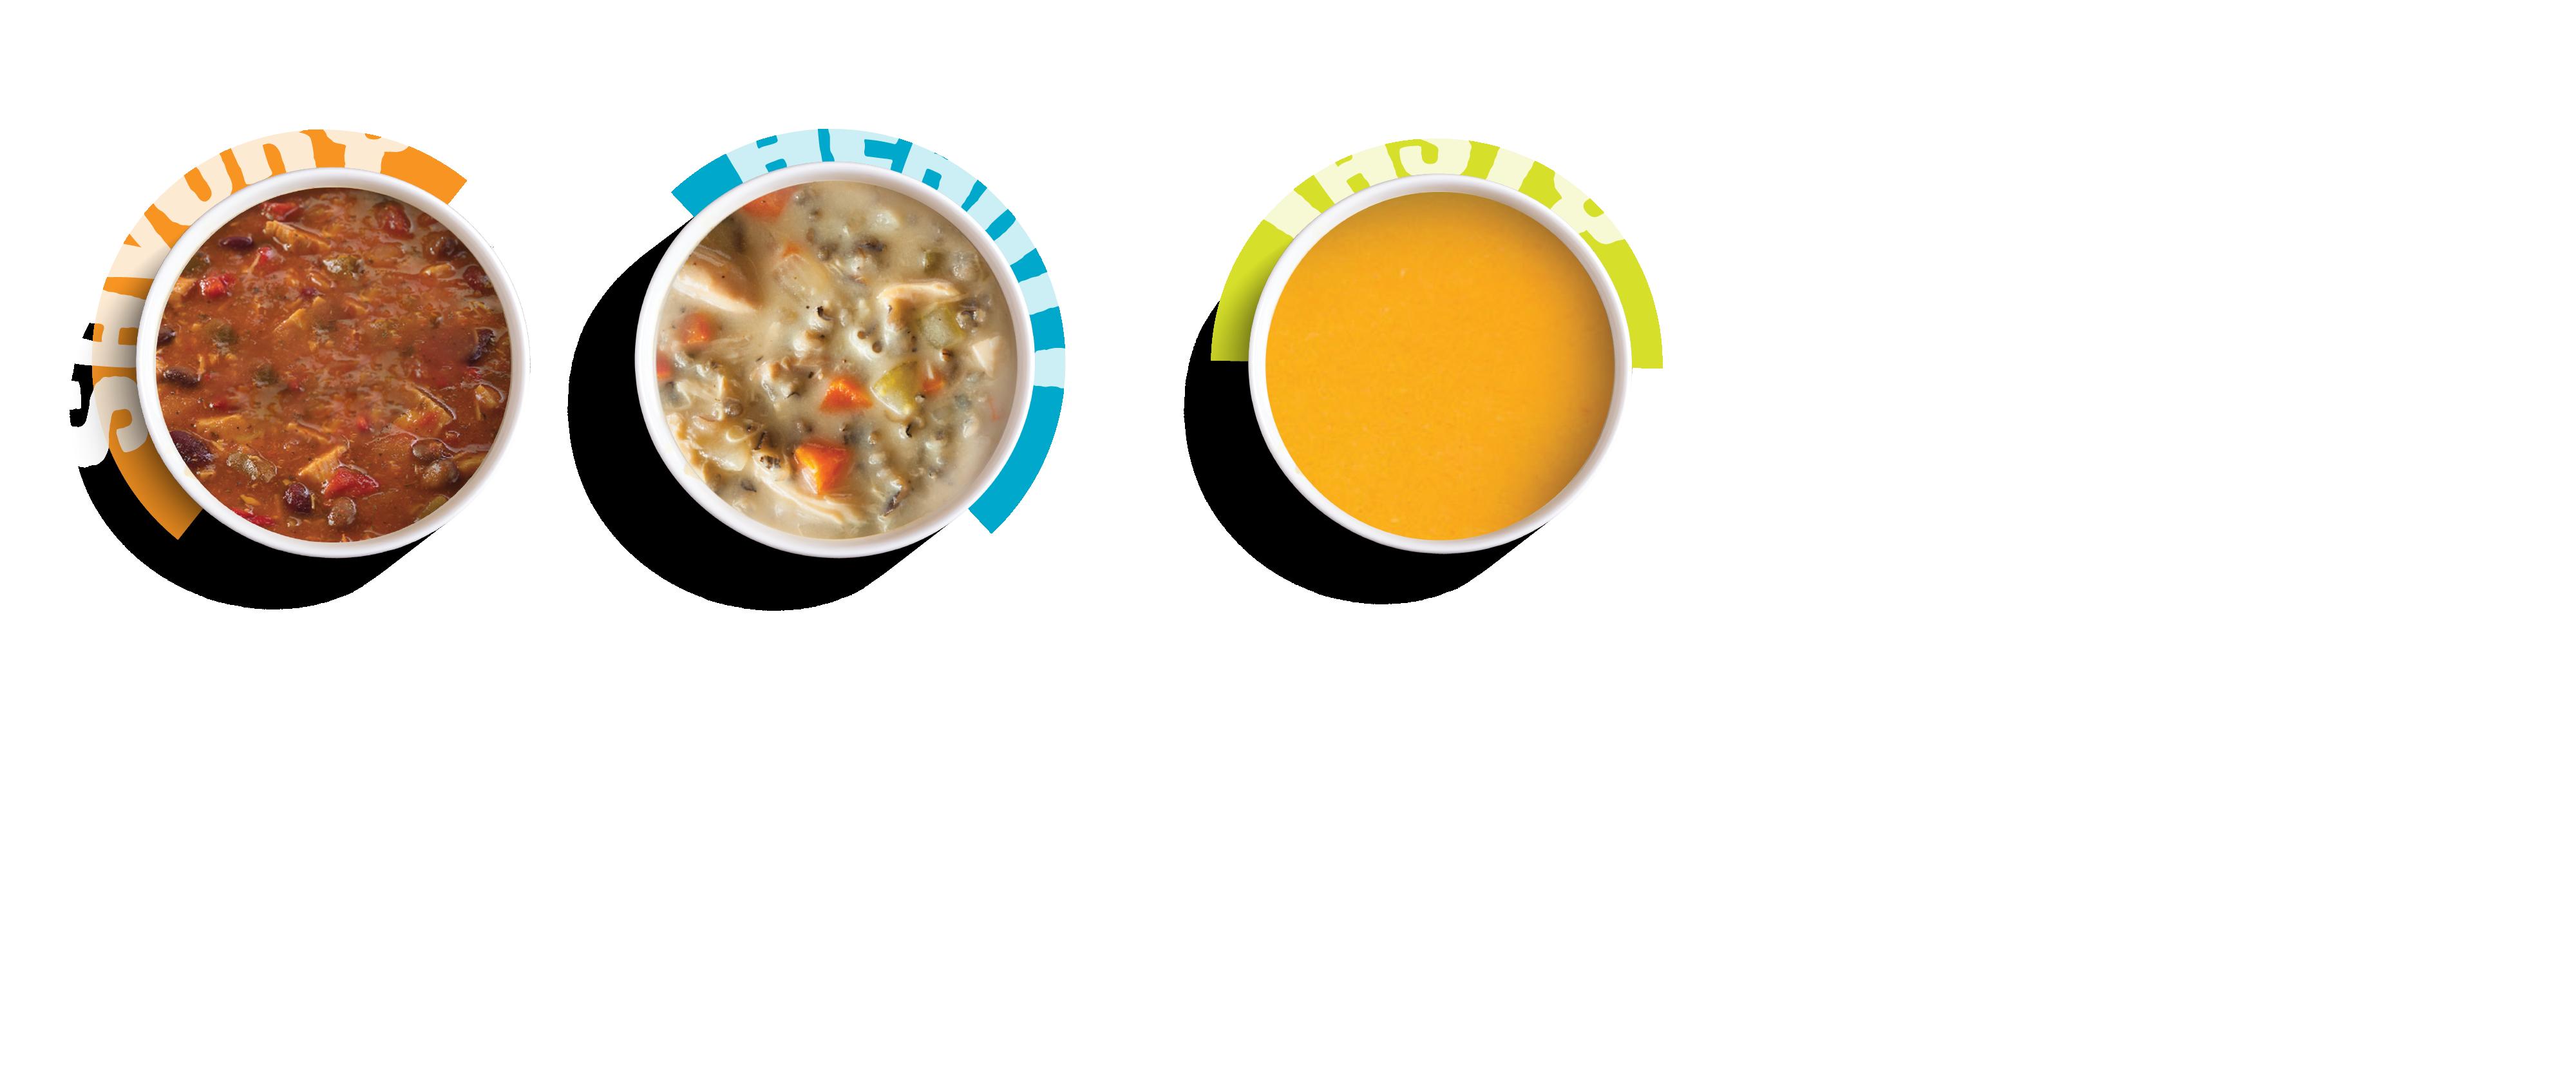 Milio's Soup Bowls